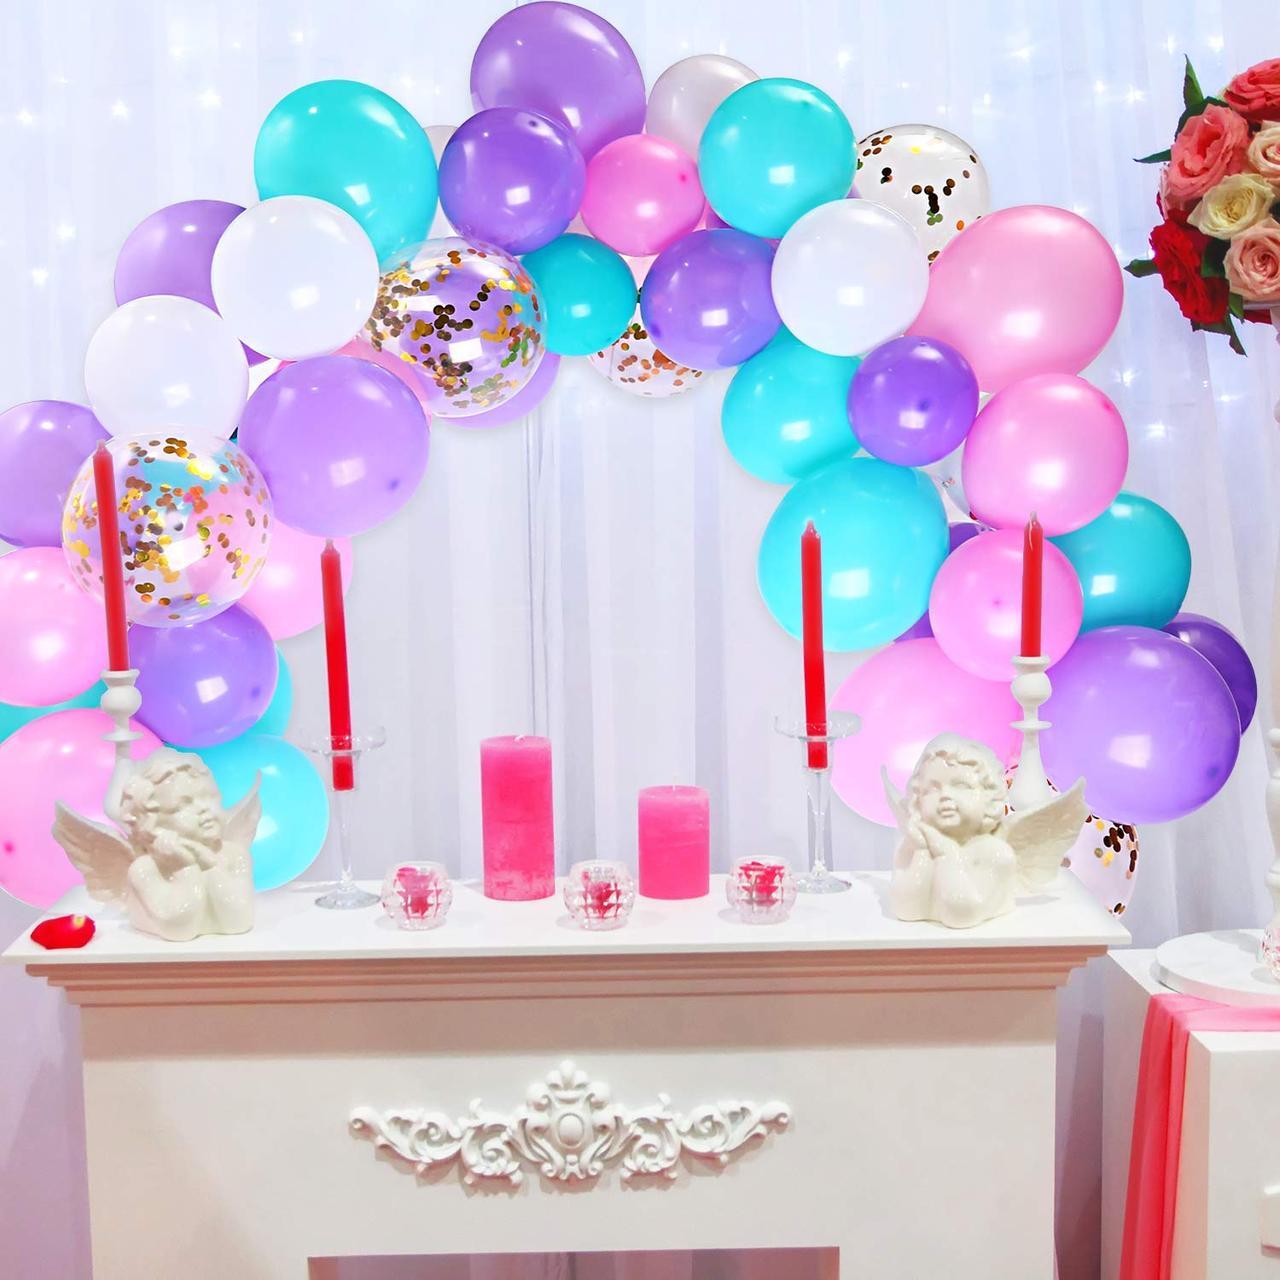 Гирлянда воздушных шаров в виде арки / фотозона для праздников: свадьба, день рождение, вечеринка, юбилей